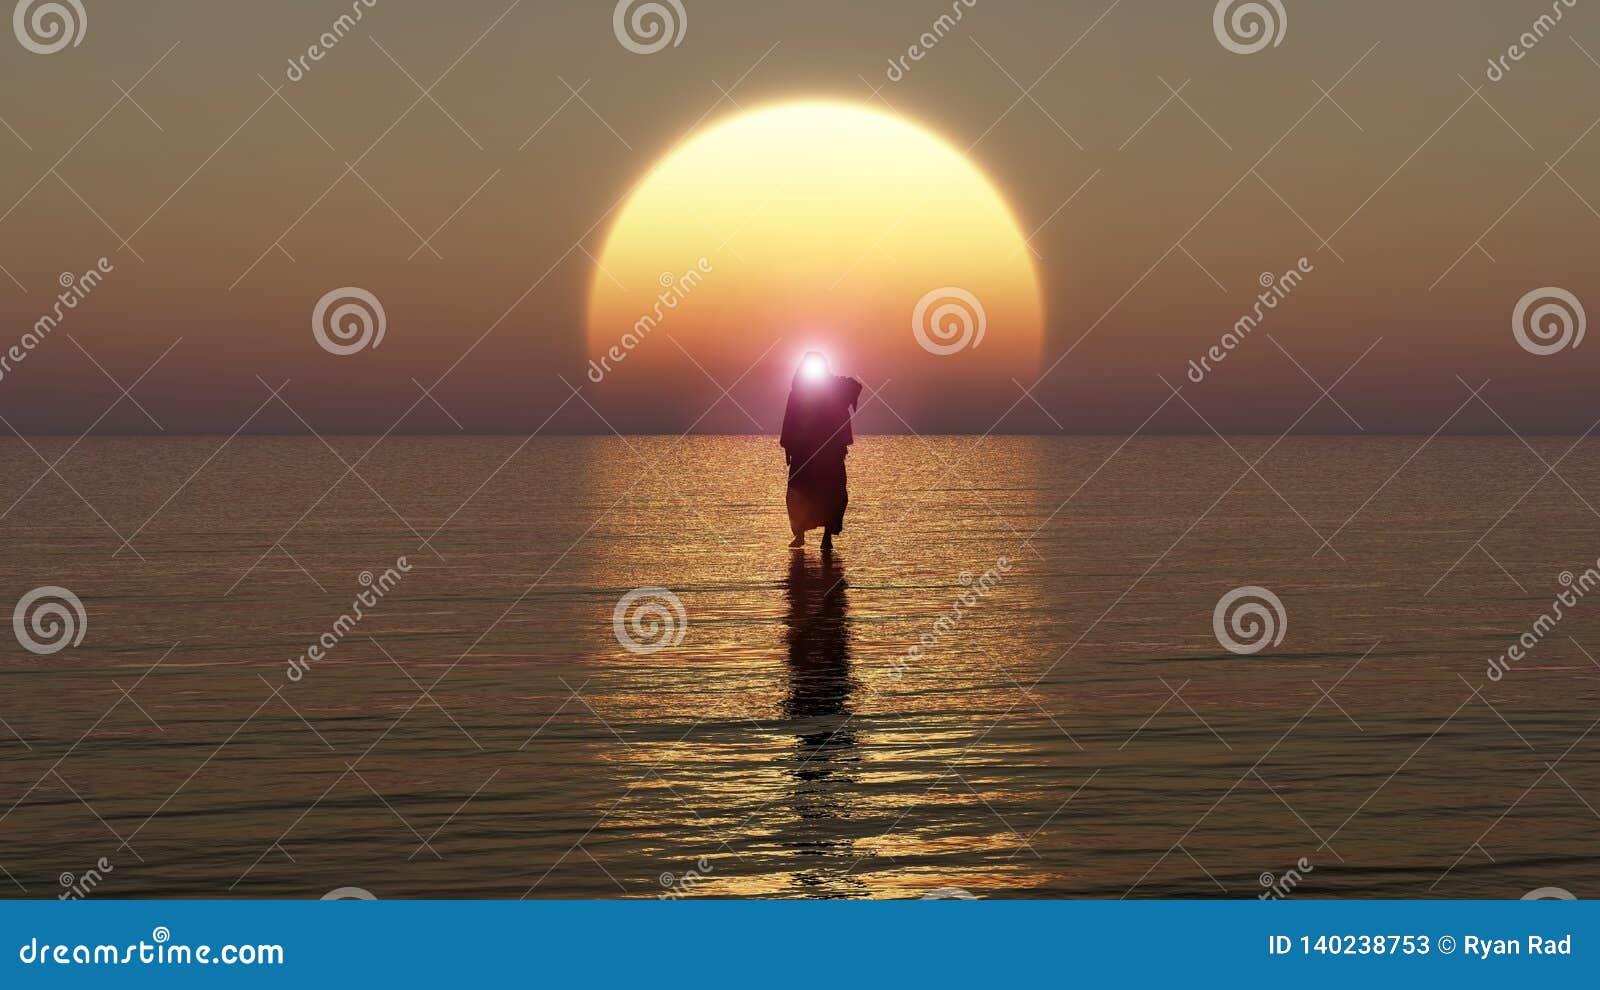 Jesús camina en el agua, milagros de Jesus Christ, el profeta de dios, representación 3D